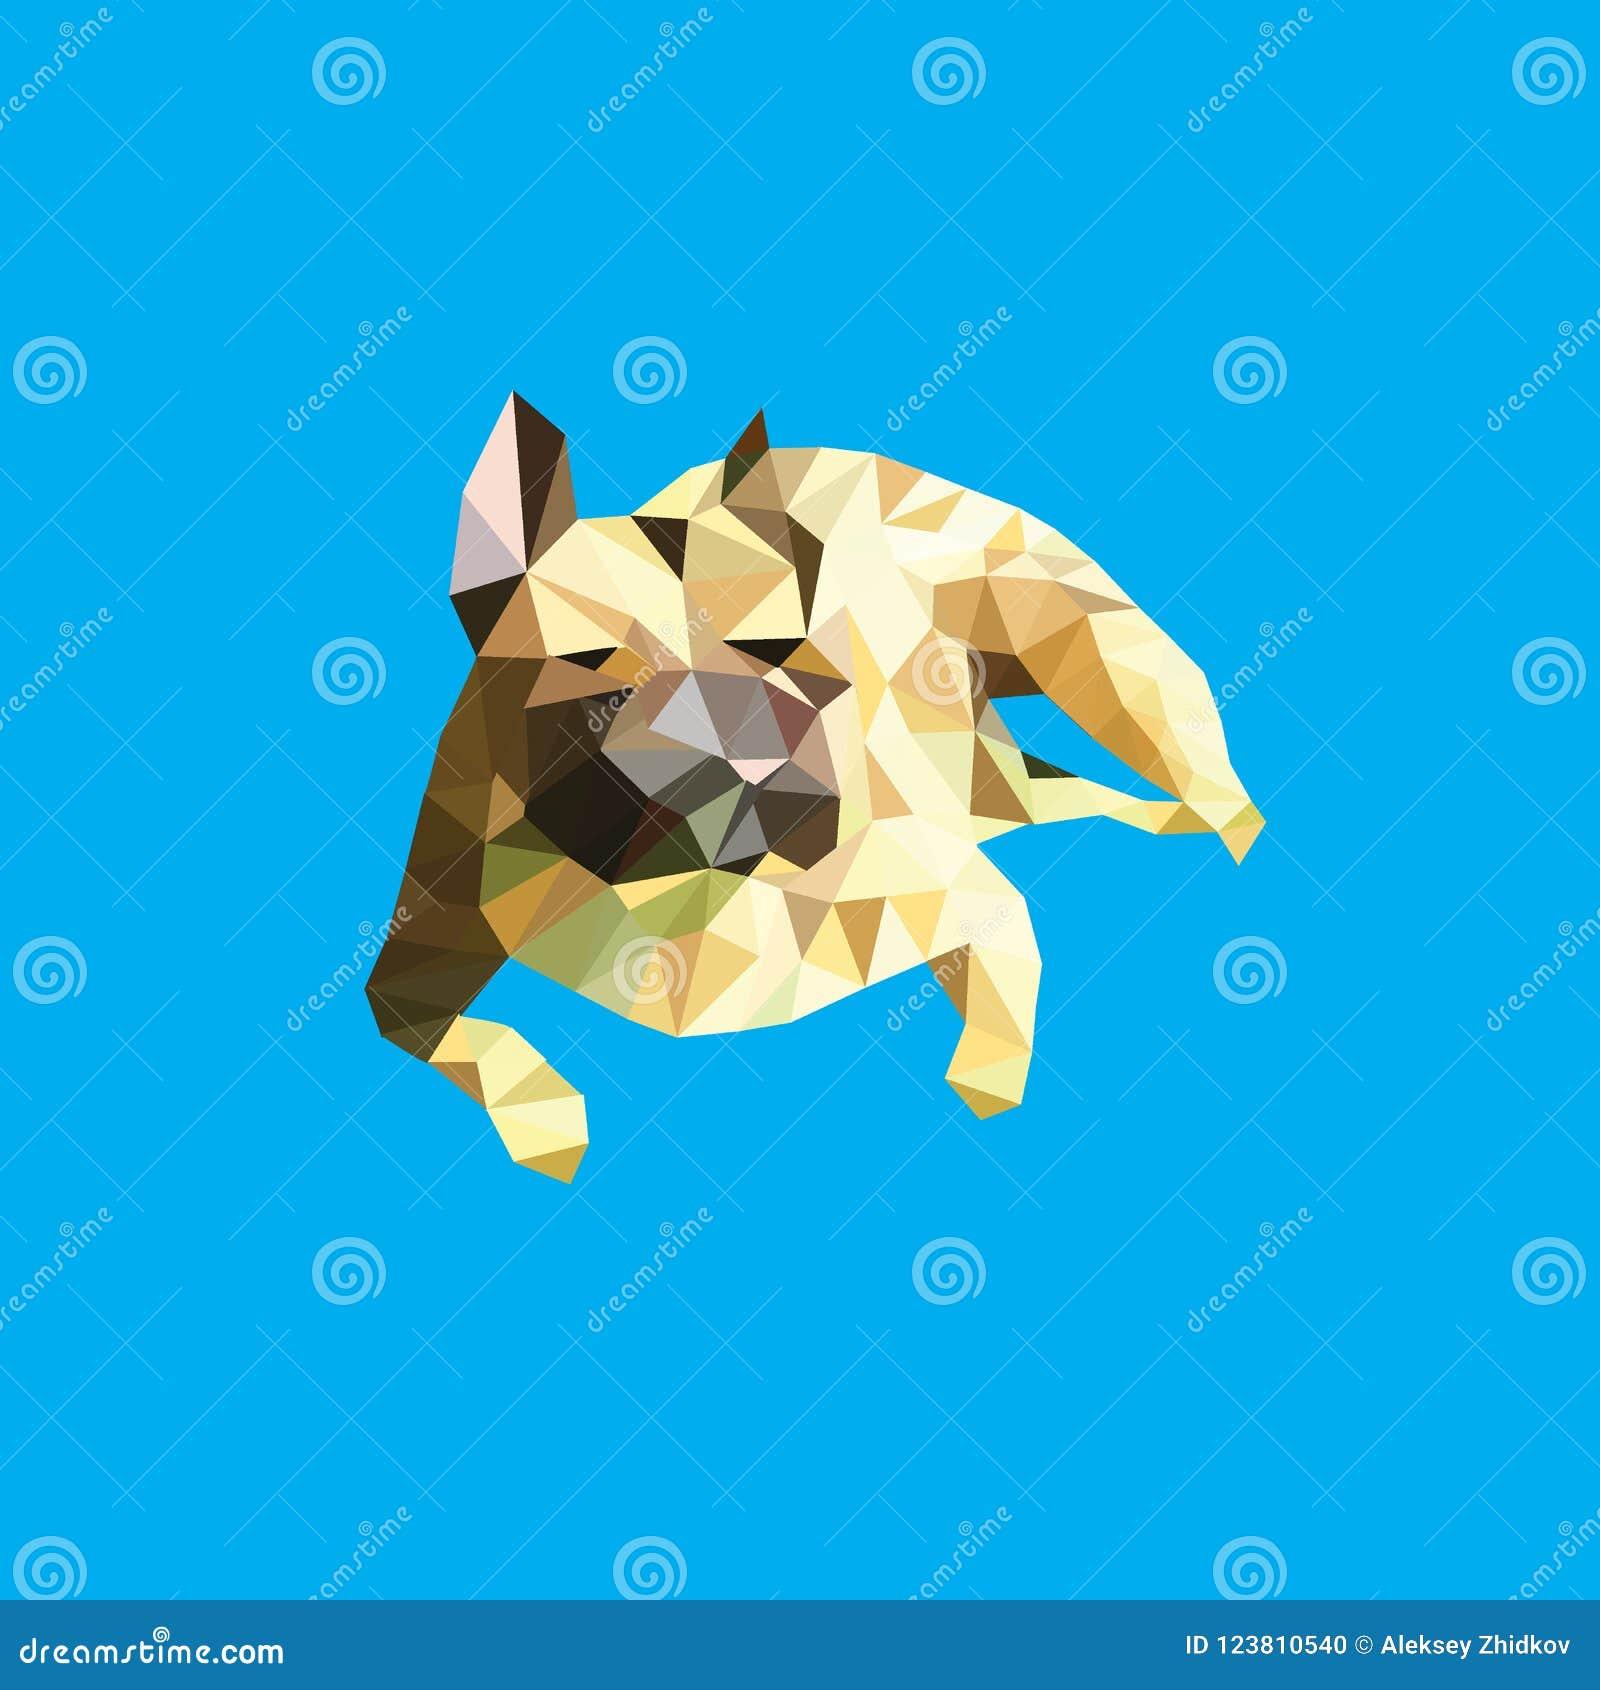 L image de vecteur d une silhouette d un chien multiplie un bouledogue français sur un fond bleu